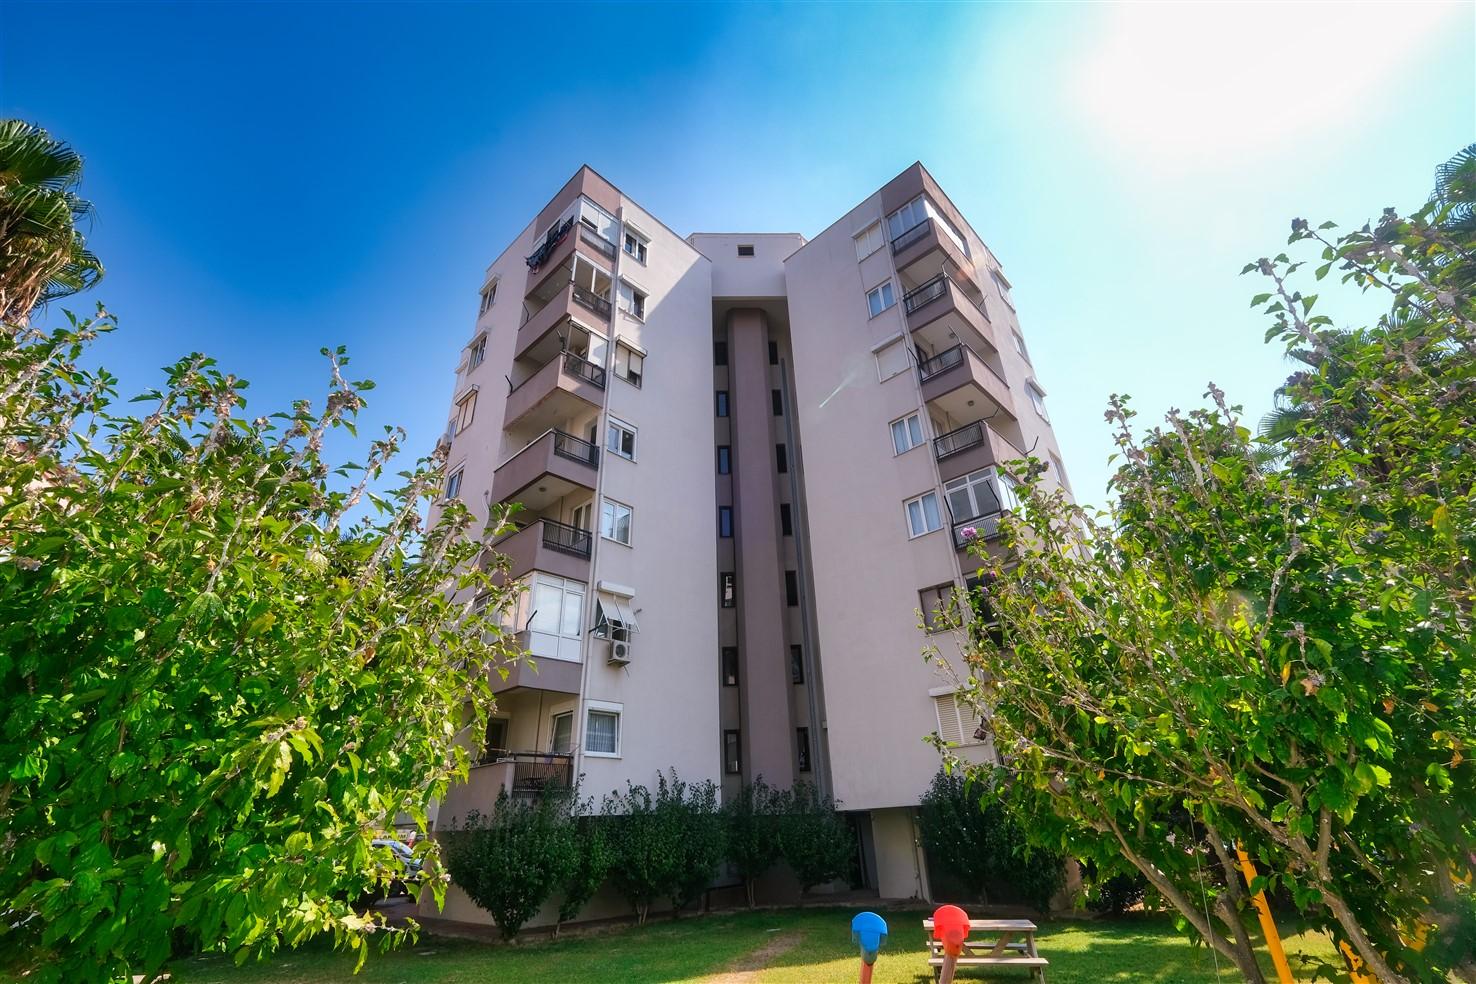 Квартира 3+1 в микрорайоне Лиман, Коньяалты - Фото 32